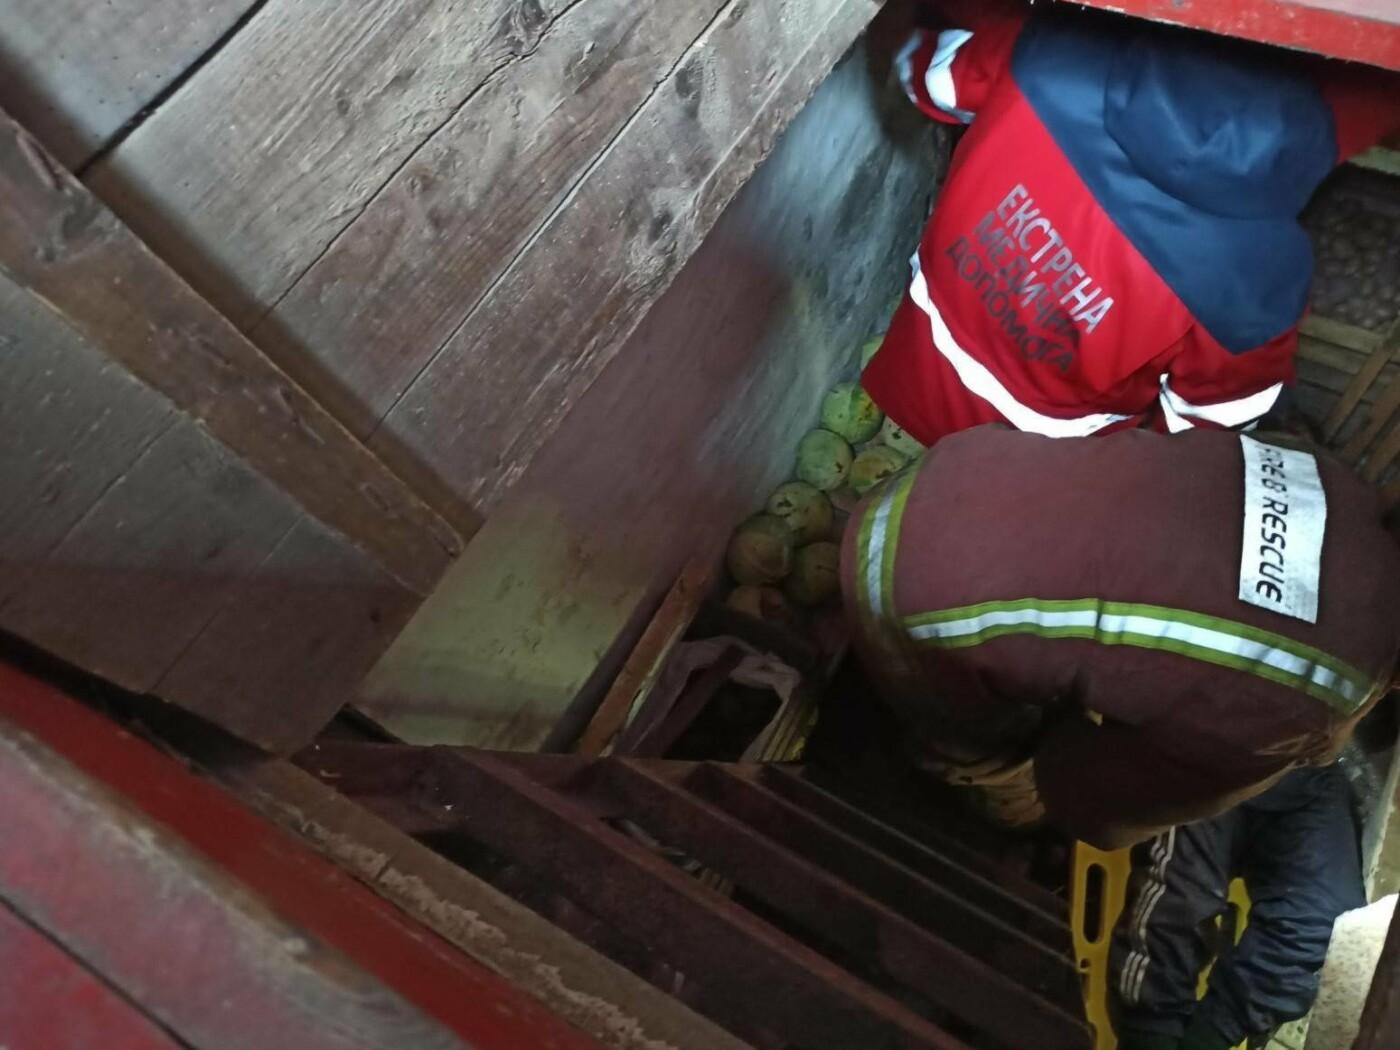 Харьковские спасатели помогли пенсионерке, которая упала в погреб, - ФОТО, фото-1